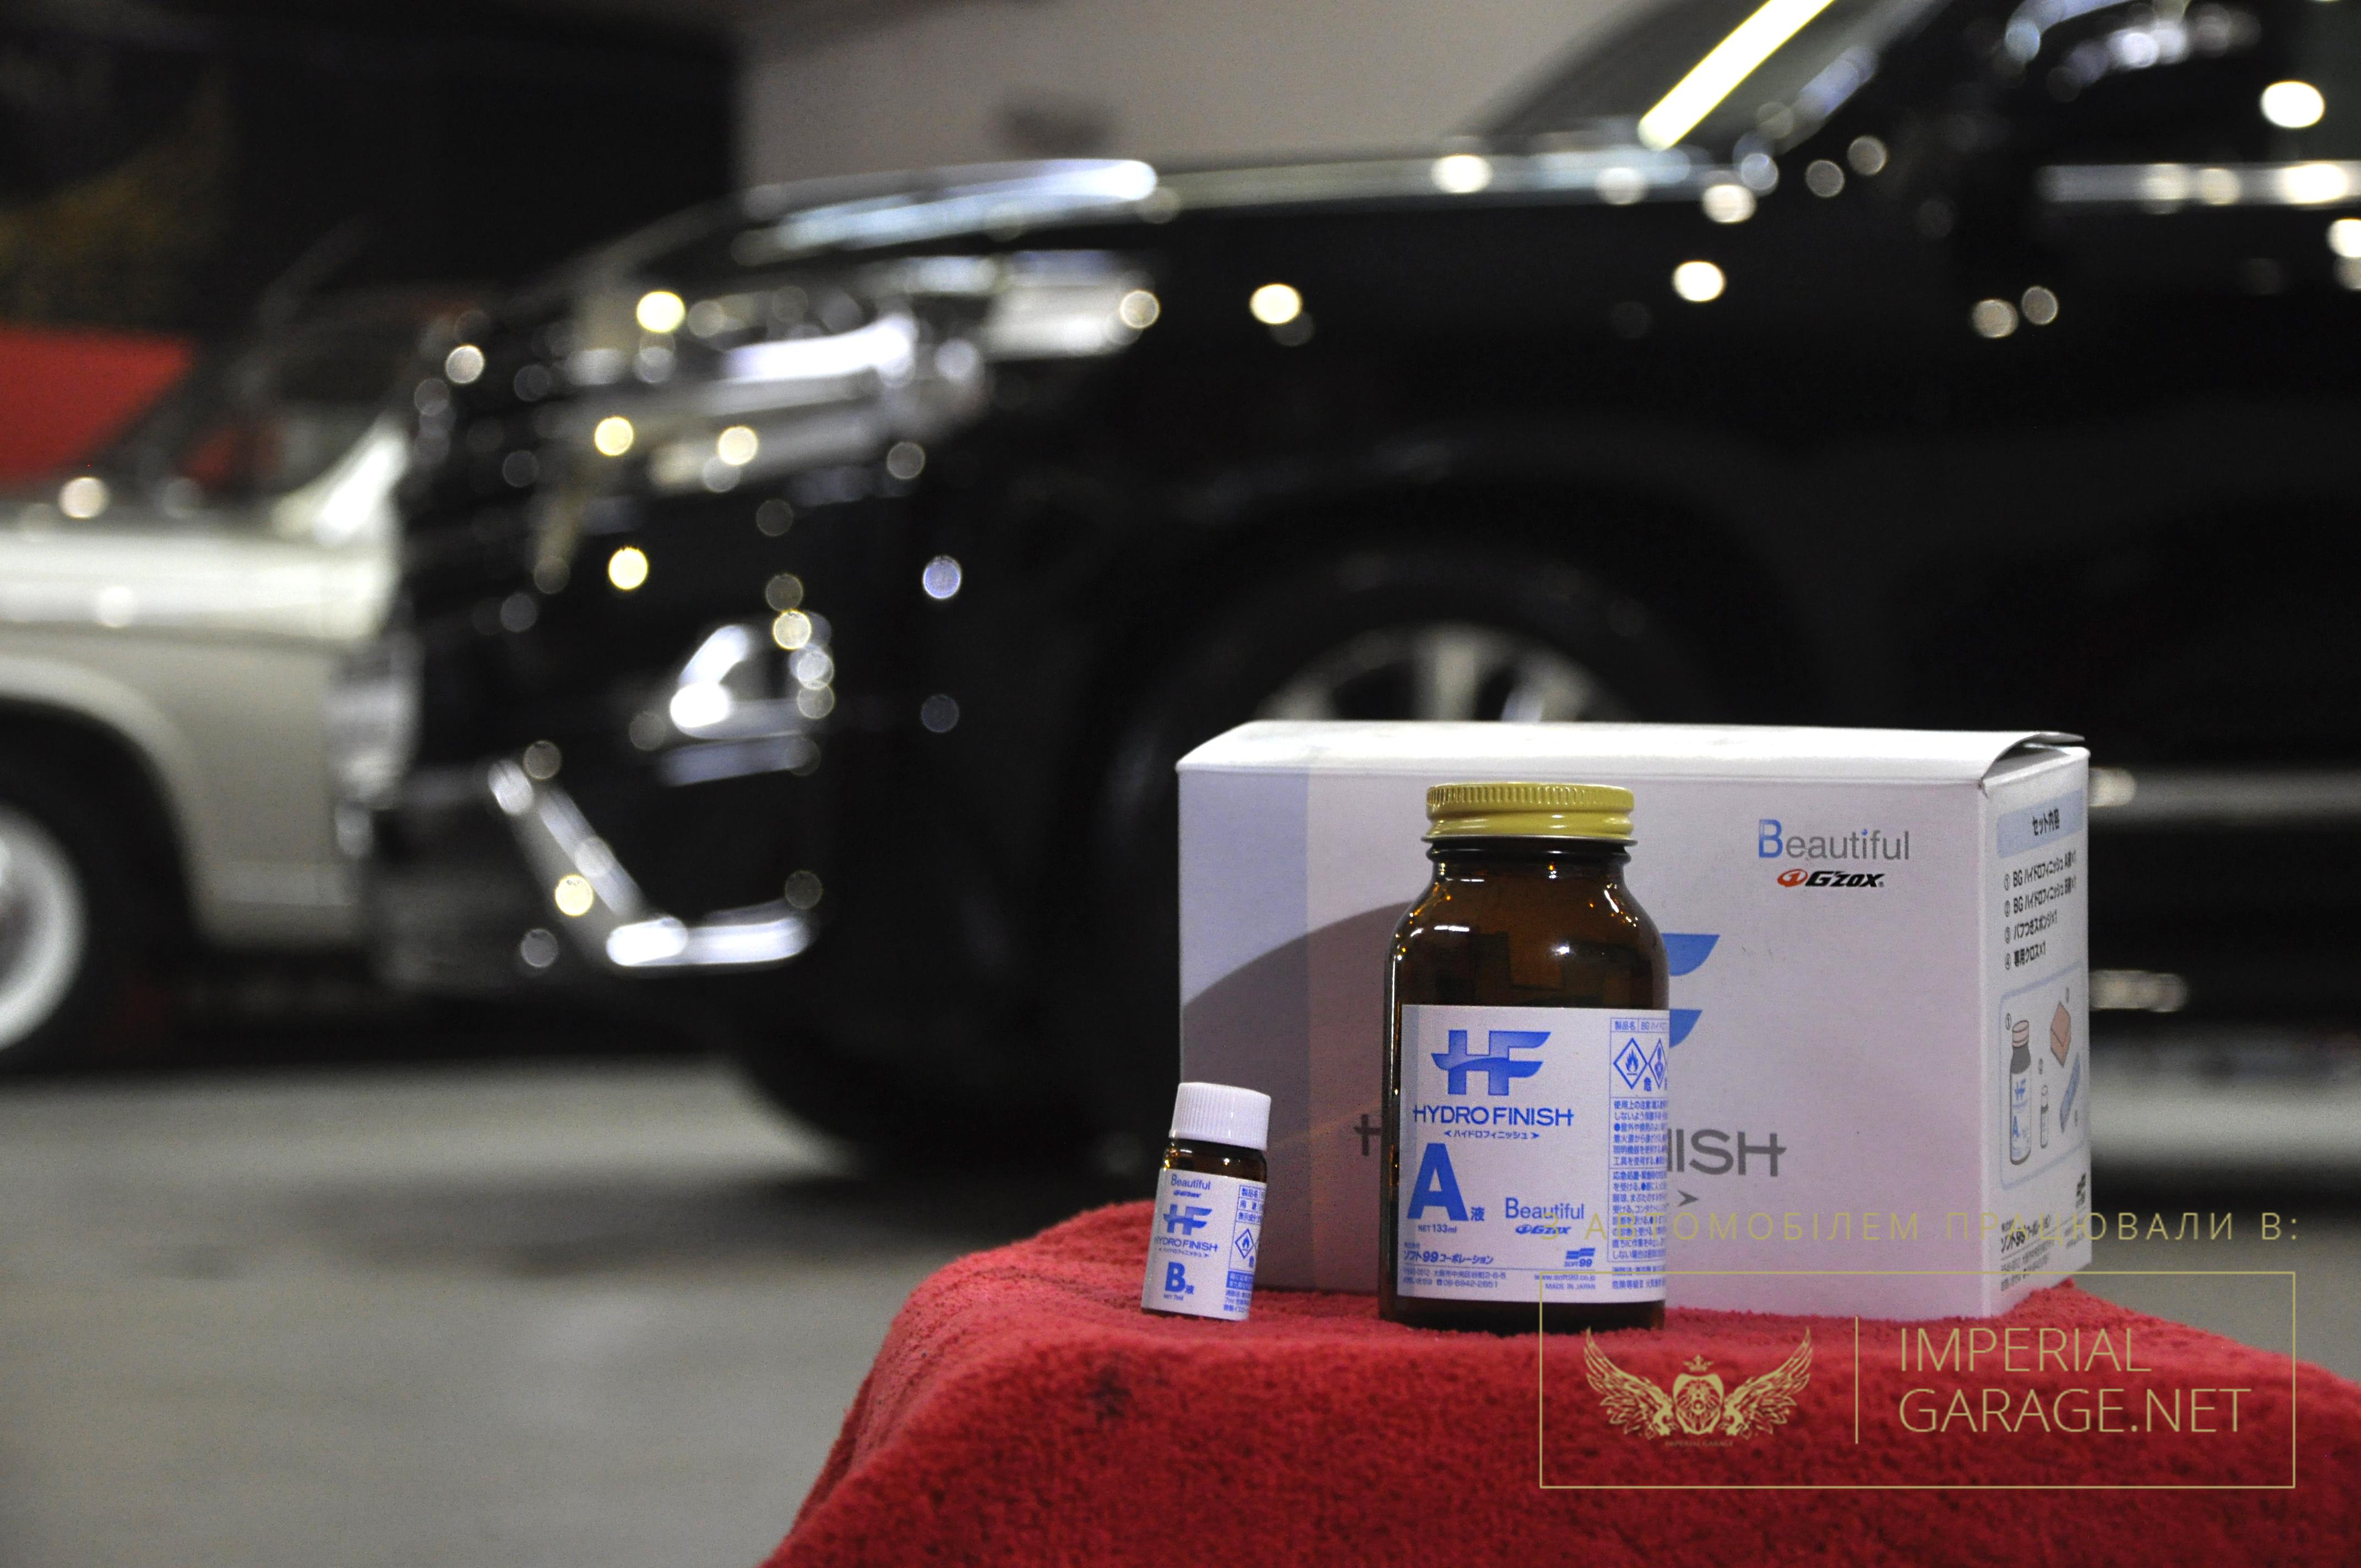 захист автомобіля рідким склом та керамікою